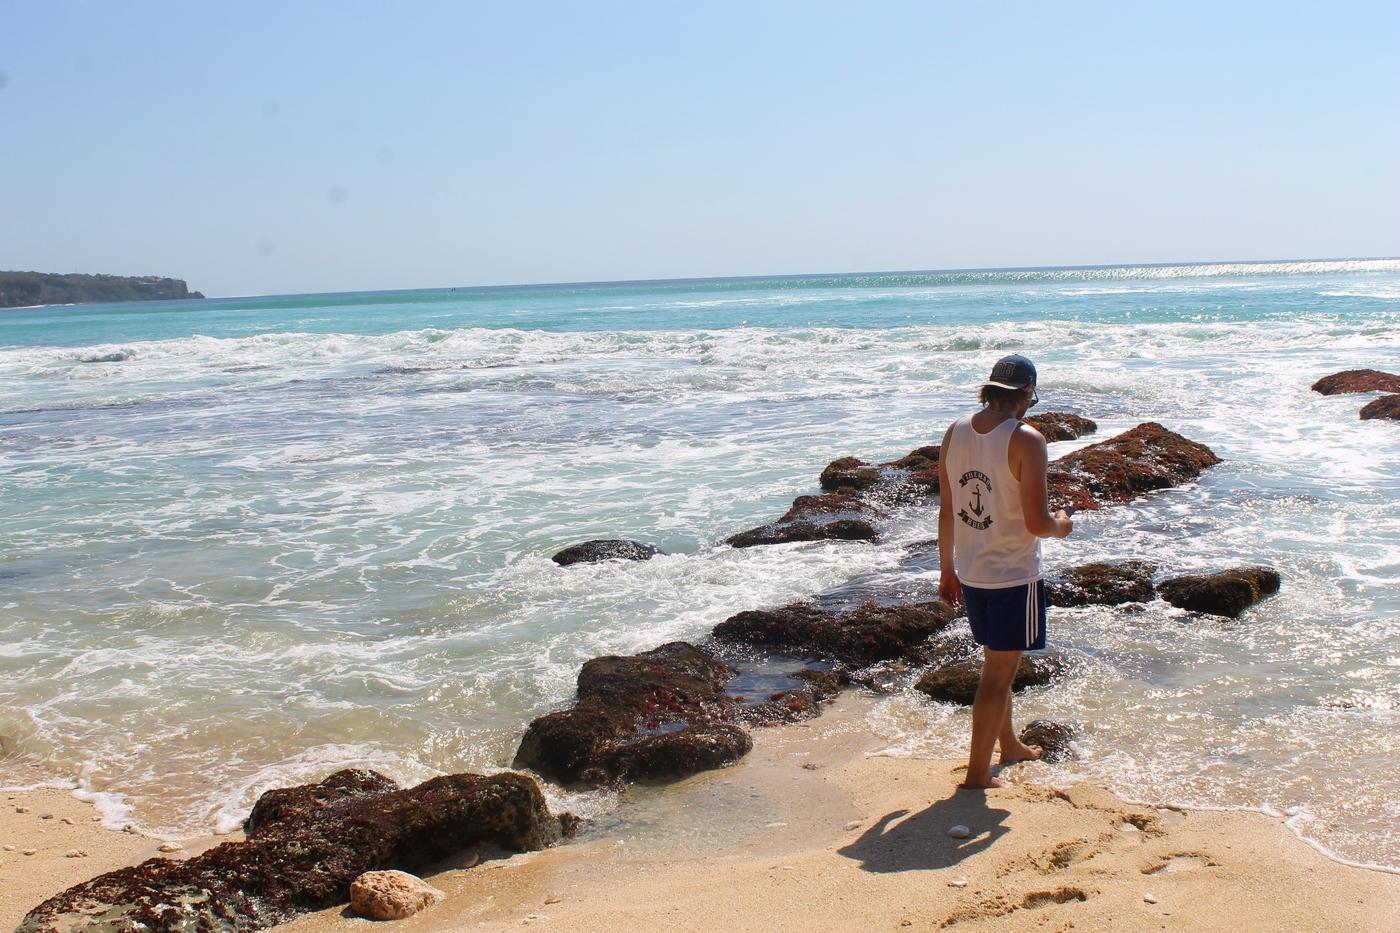 ULUWATU & DREAMLAND BEACH